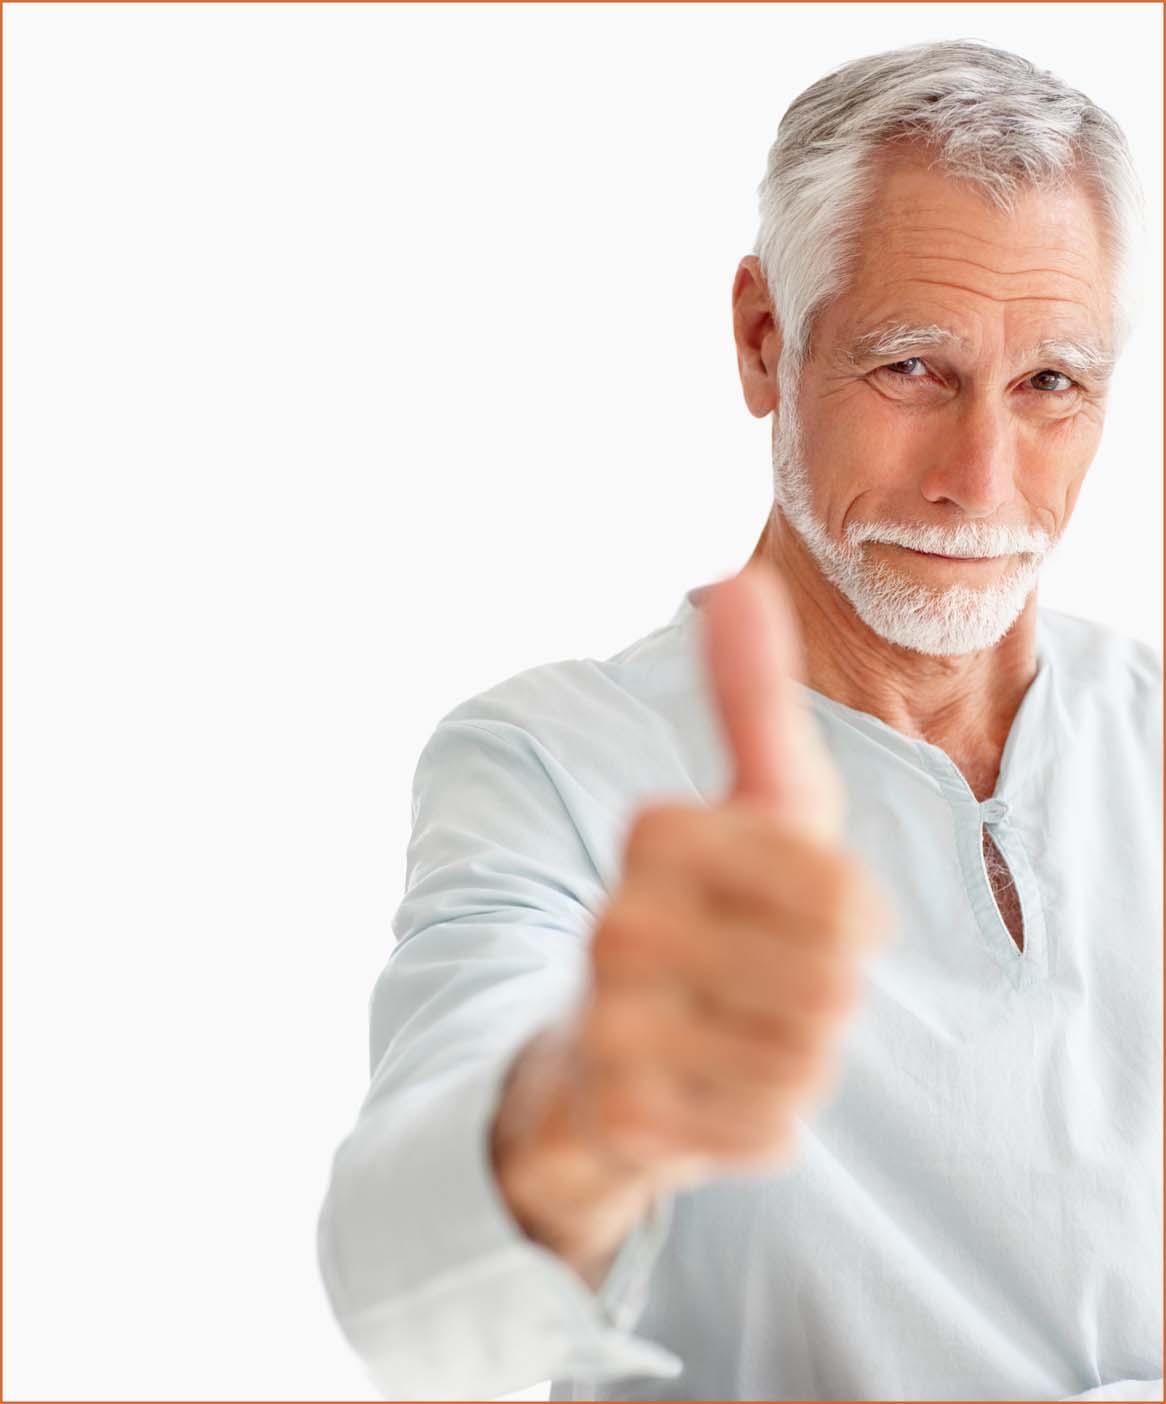 Baños Adaptados A Personas Mayores:Preparación psicológica para la jubilación: Proceso